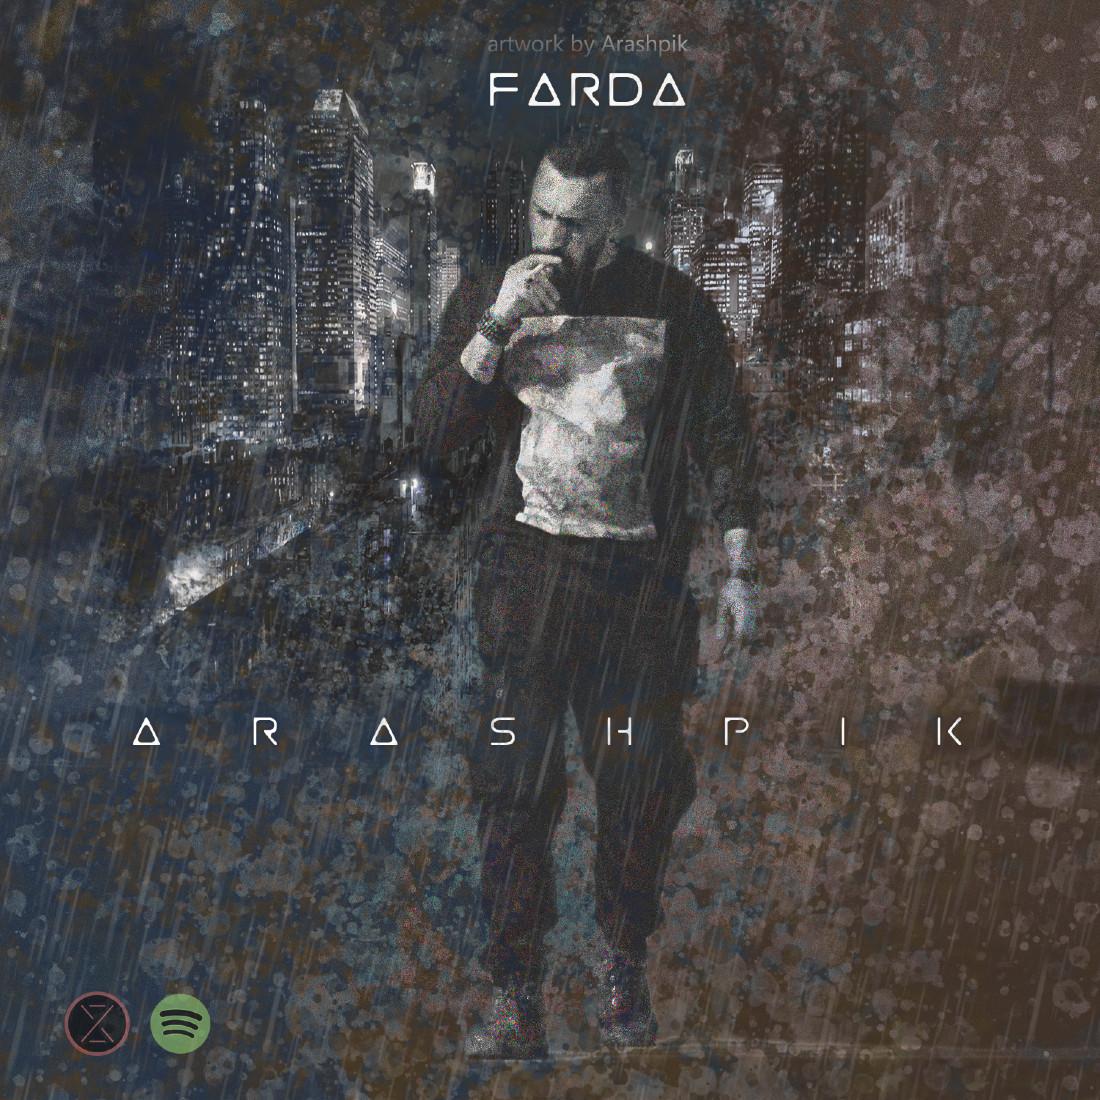 Arash Pik - Farda